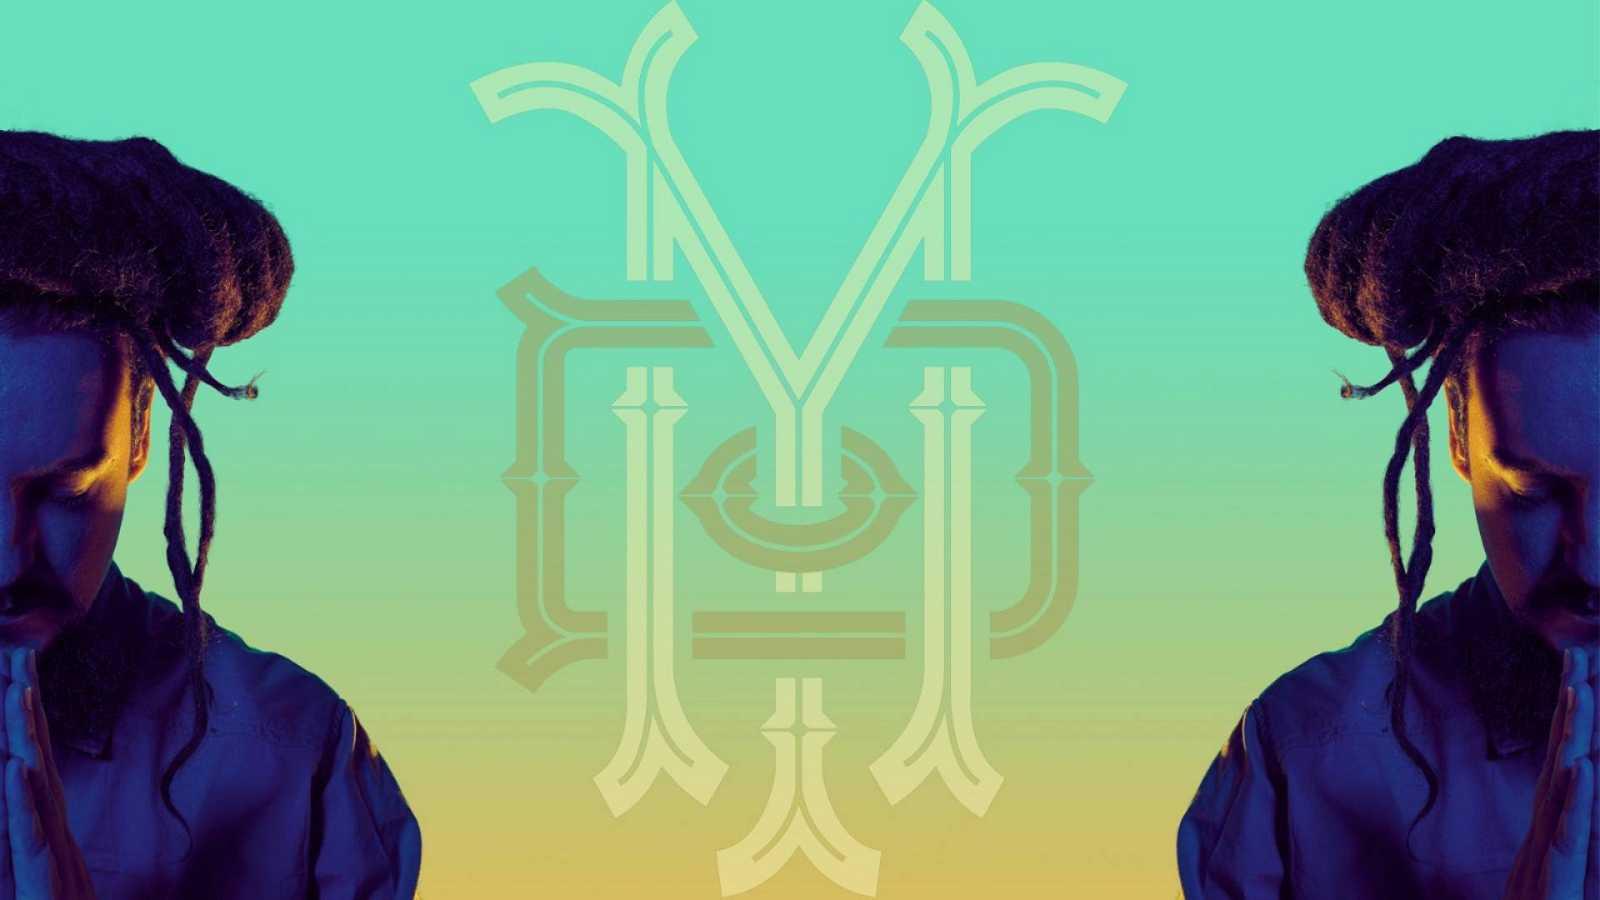 Alma de león - Morodo trae su LUZ - 13/12/20 - escuchar ahora